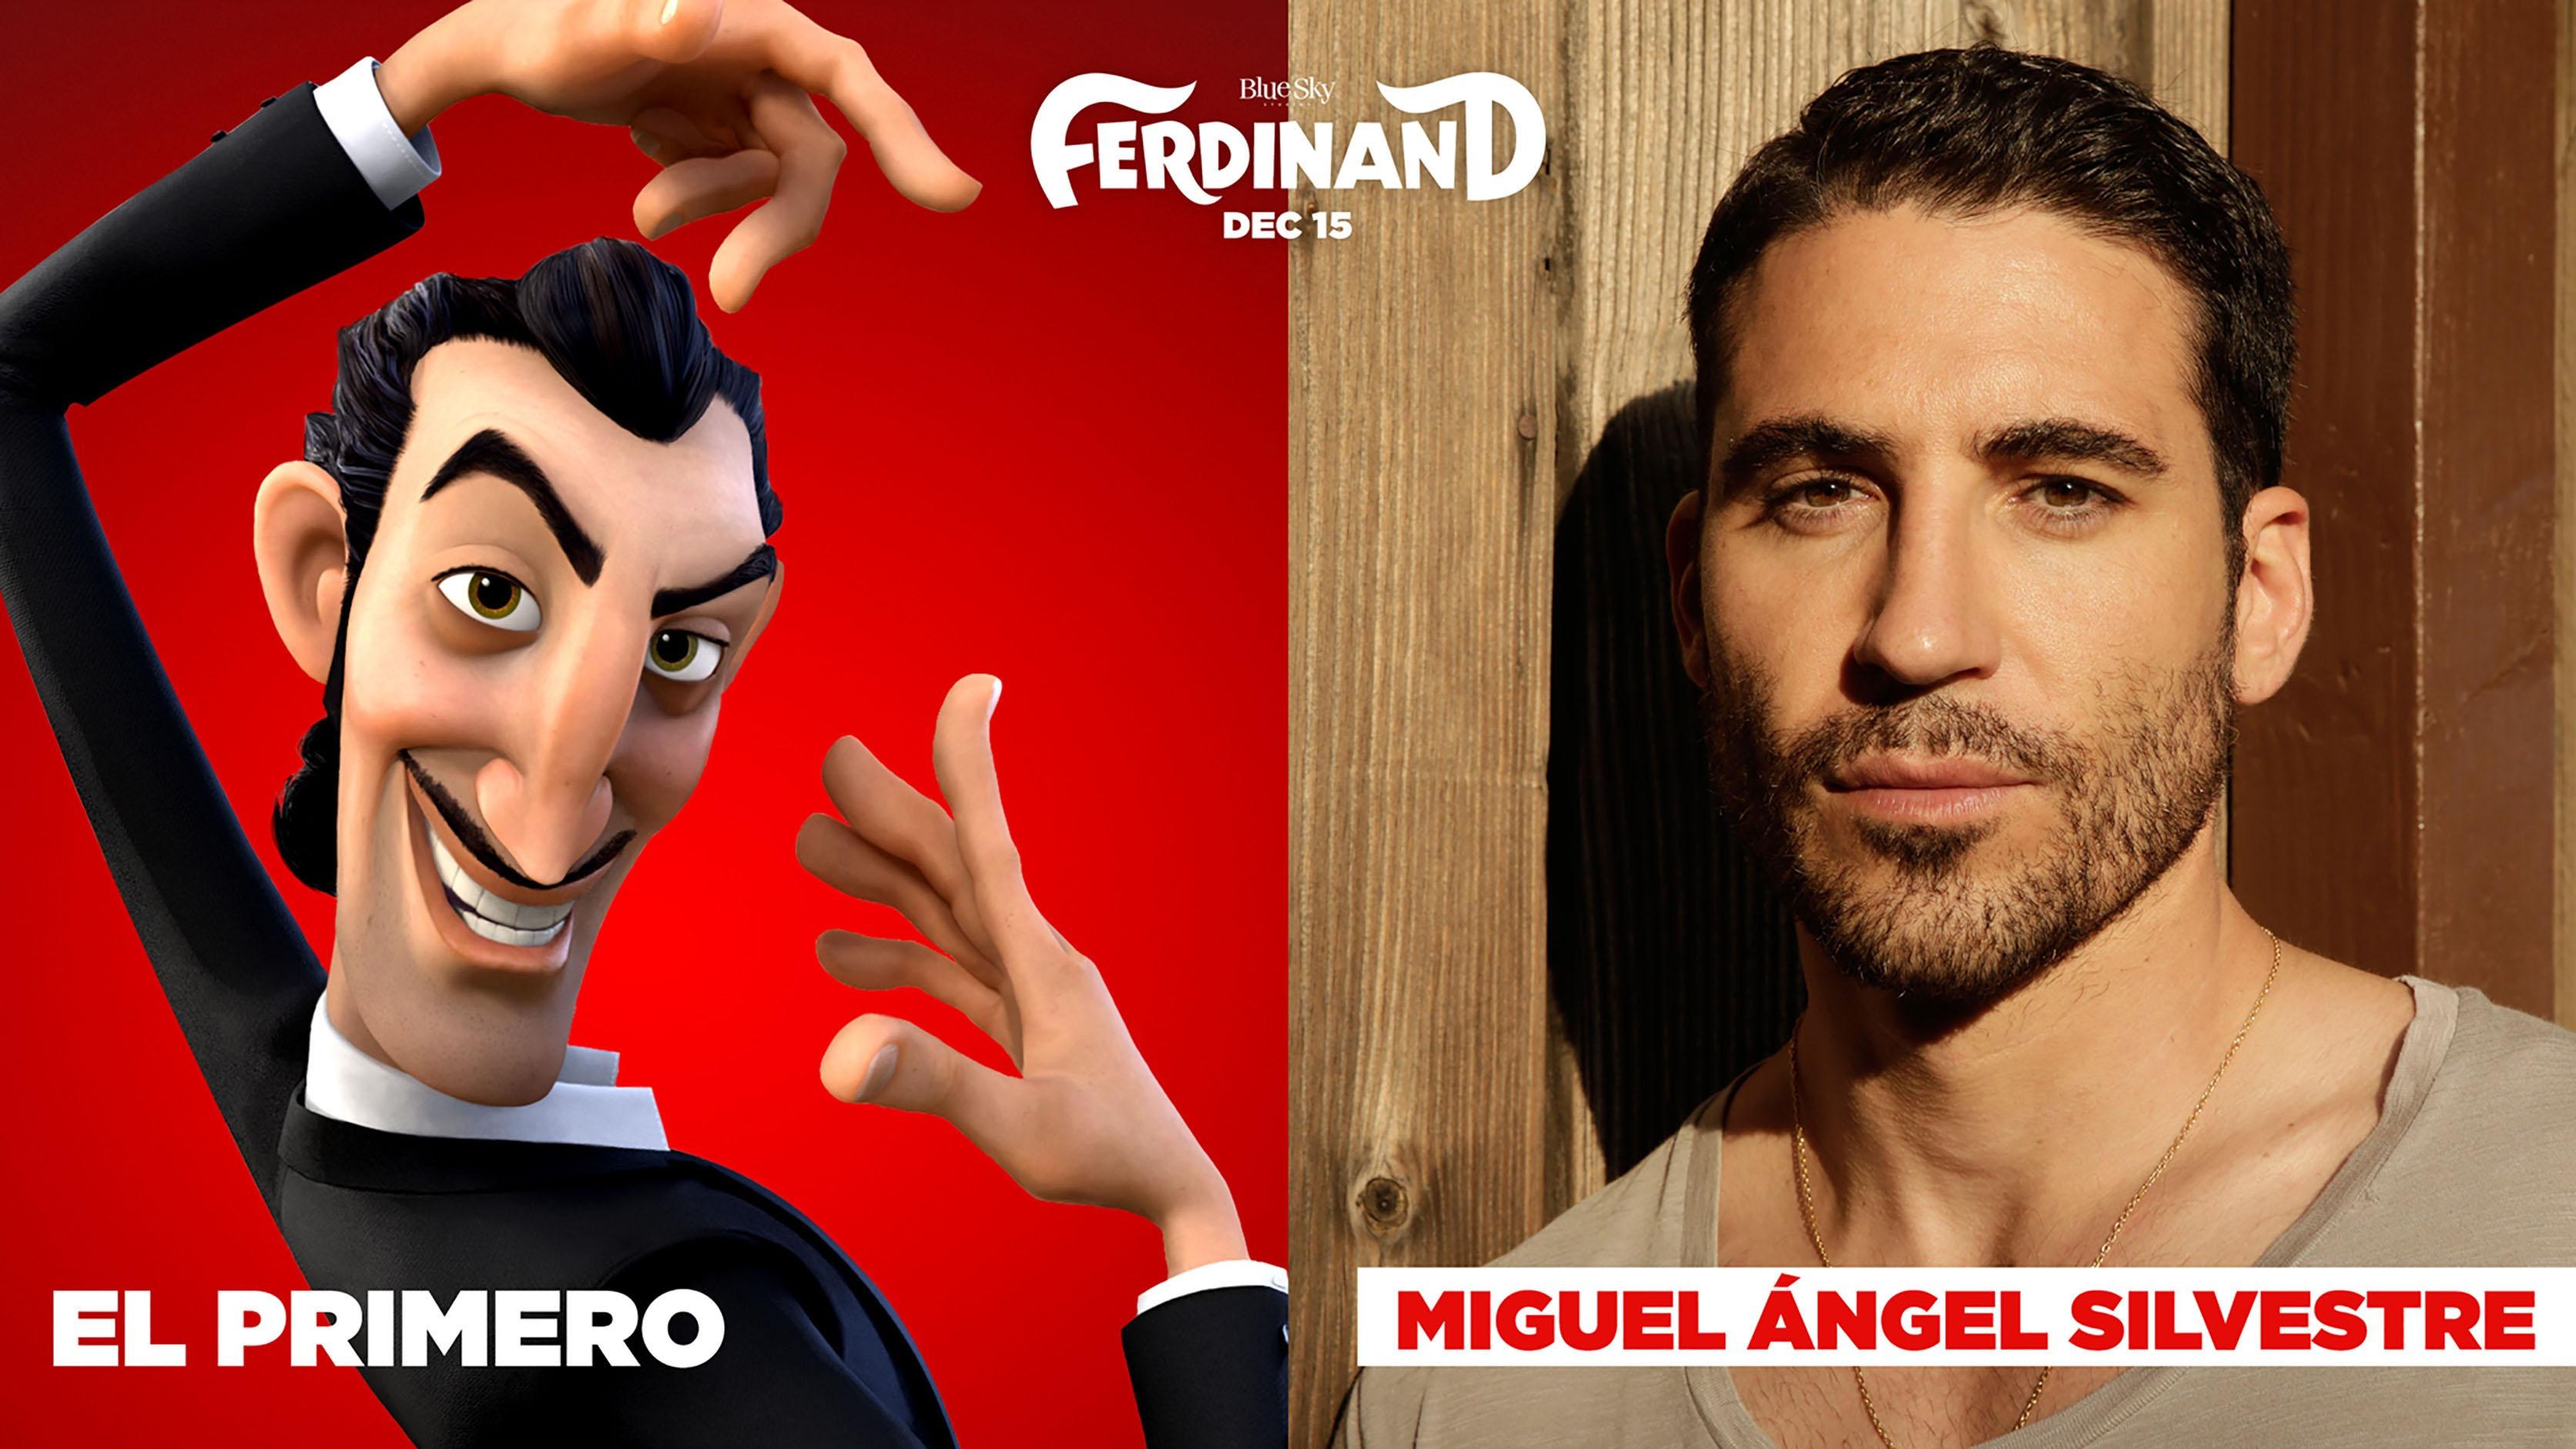 Miguel Angel Silvestre en Ferdinand